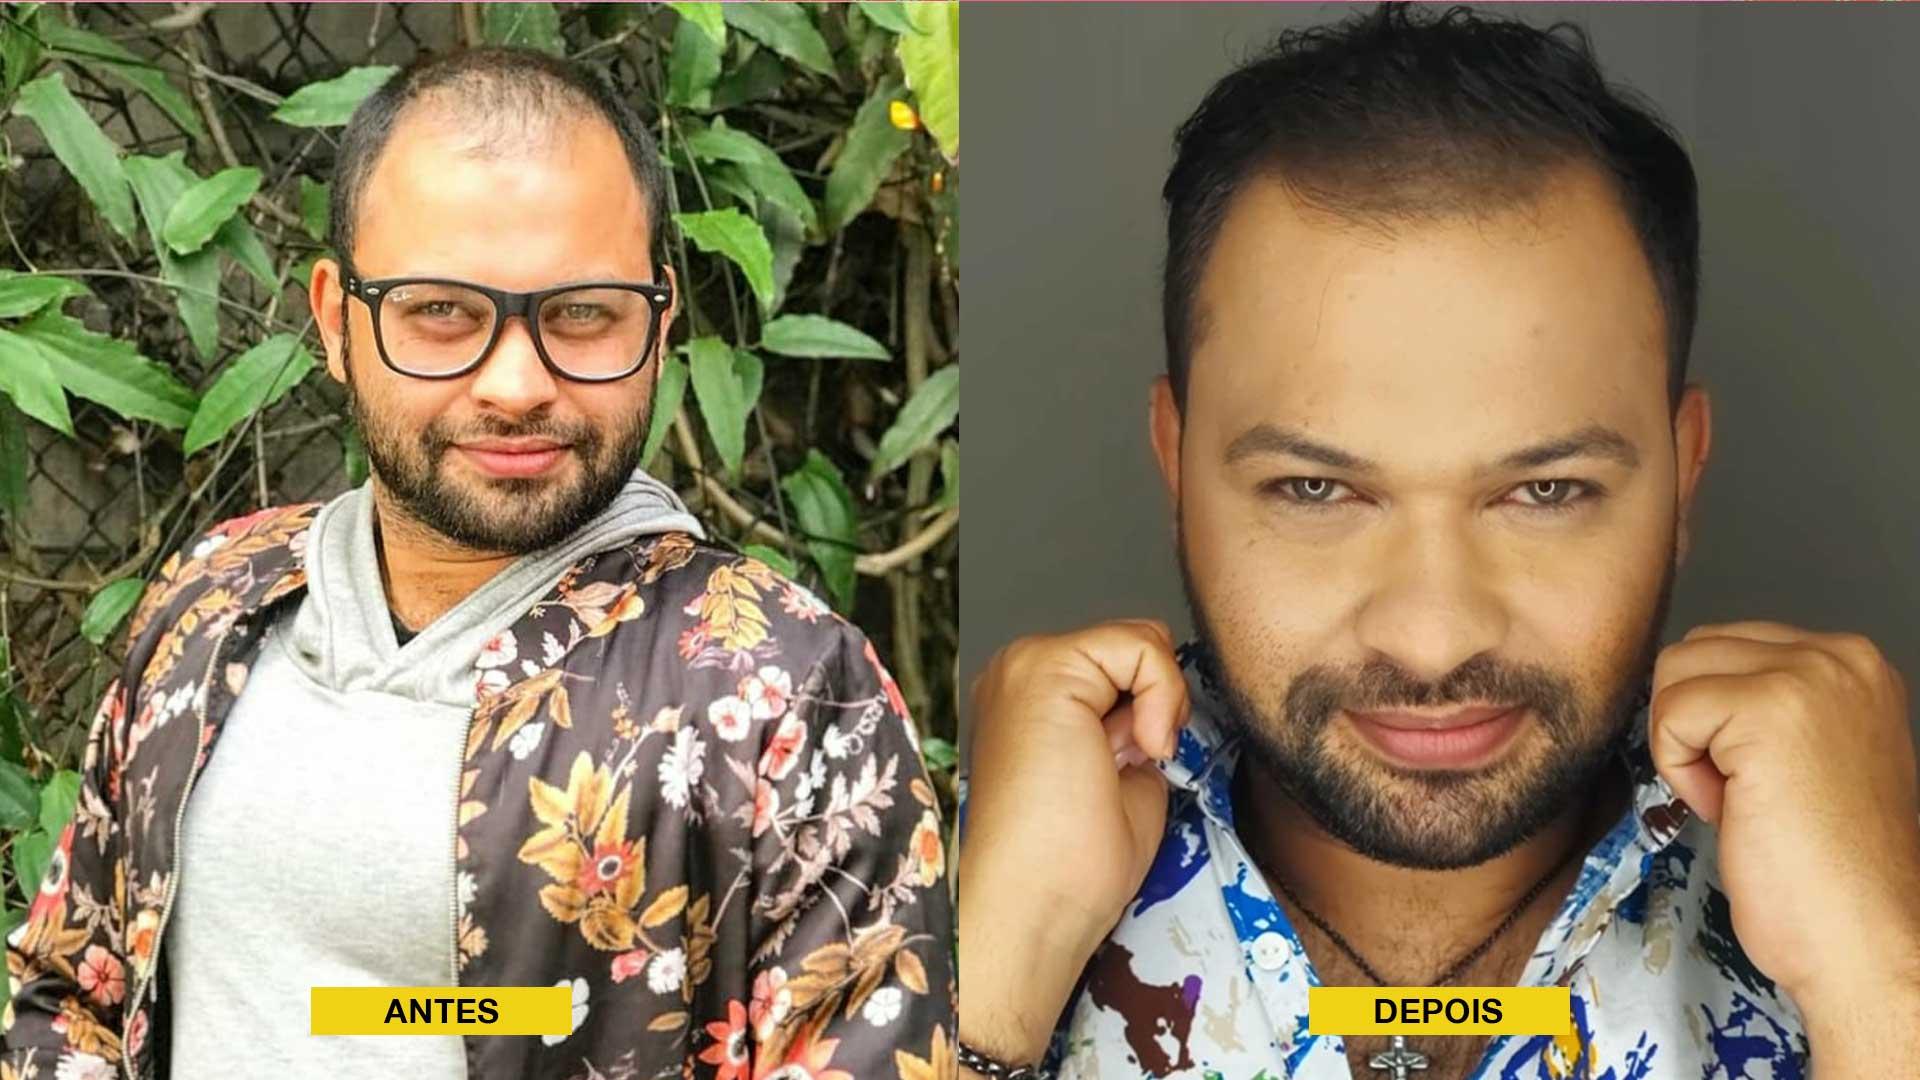 Antes e depois do tratamento. Foto: Divulgação